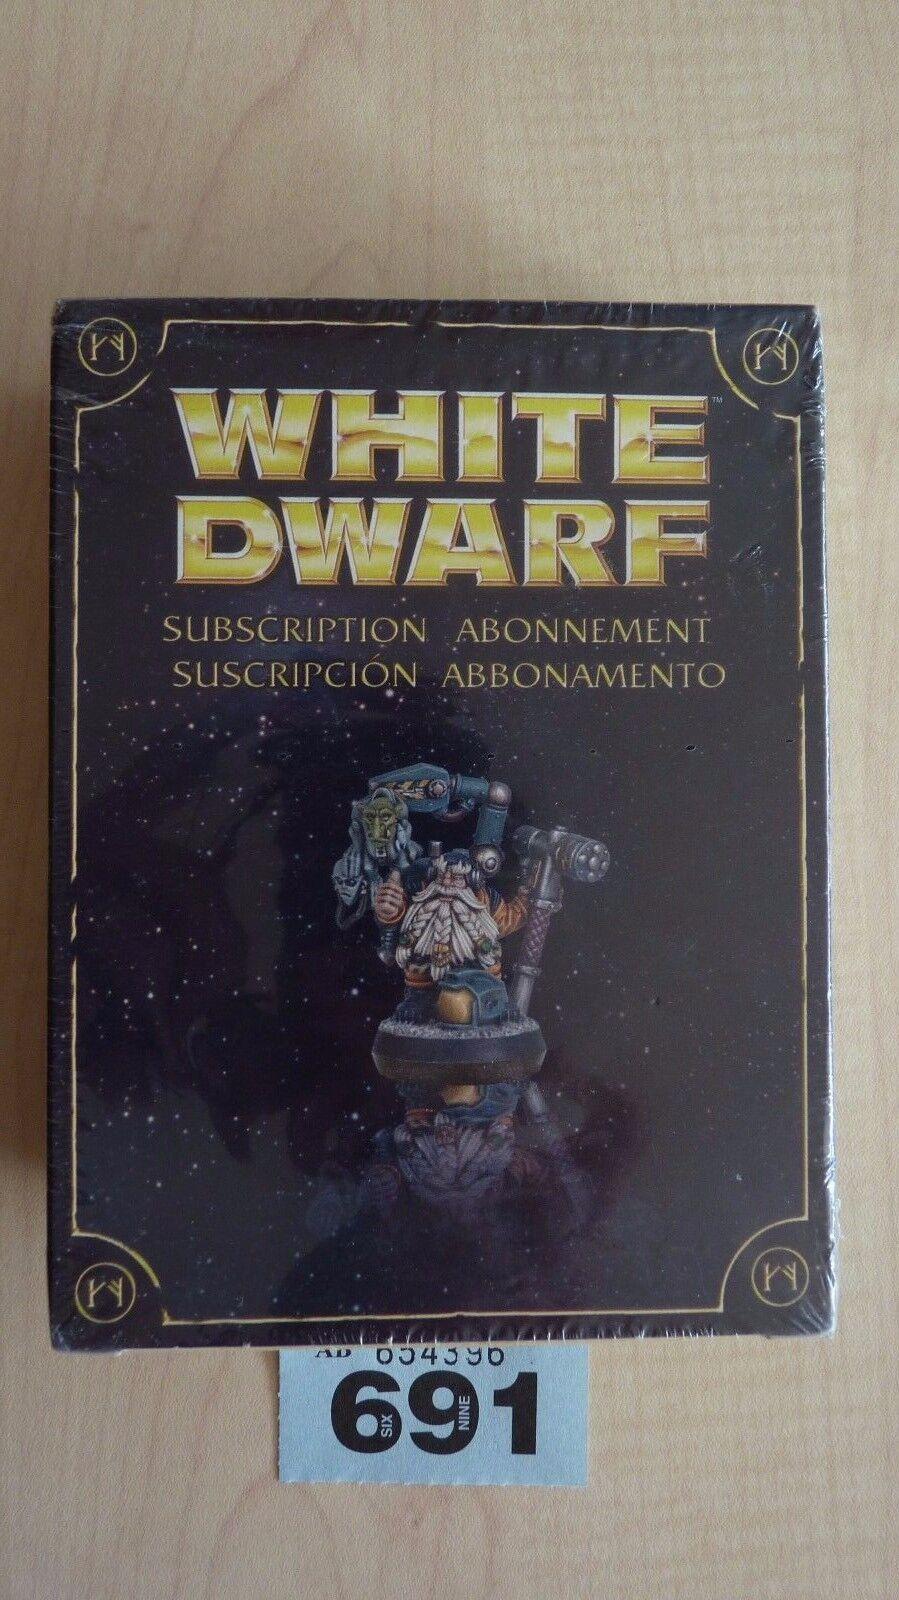 Wh40k limited edition weißen zwerg abonnement 2010 zwerg im raum nisb   691 000